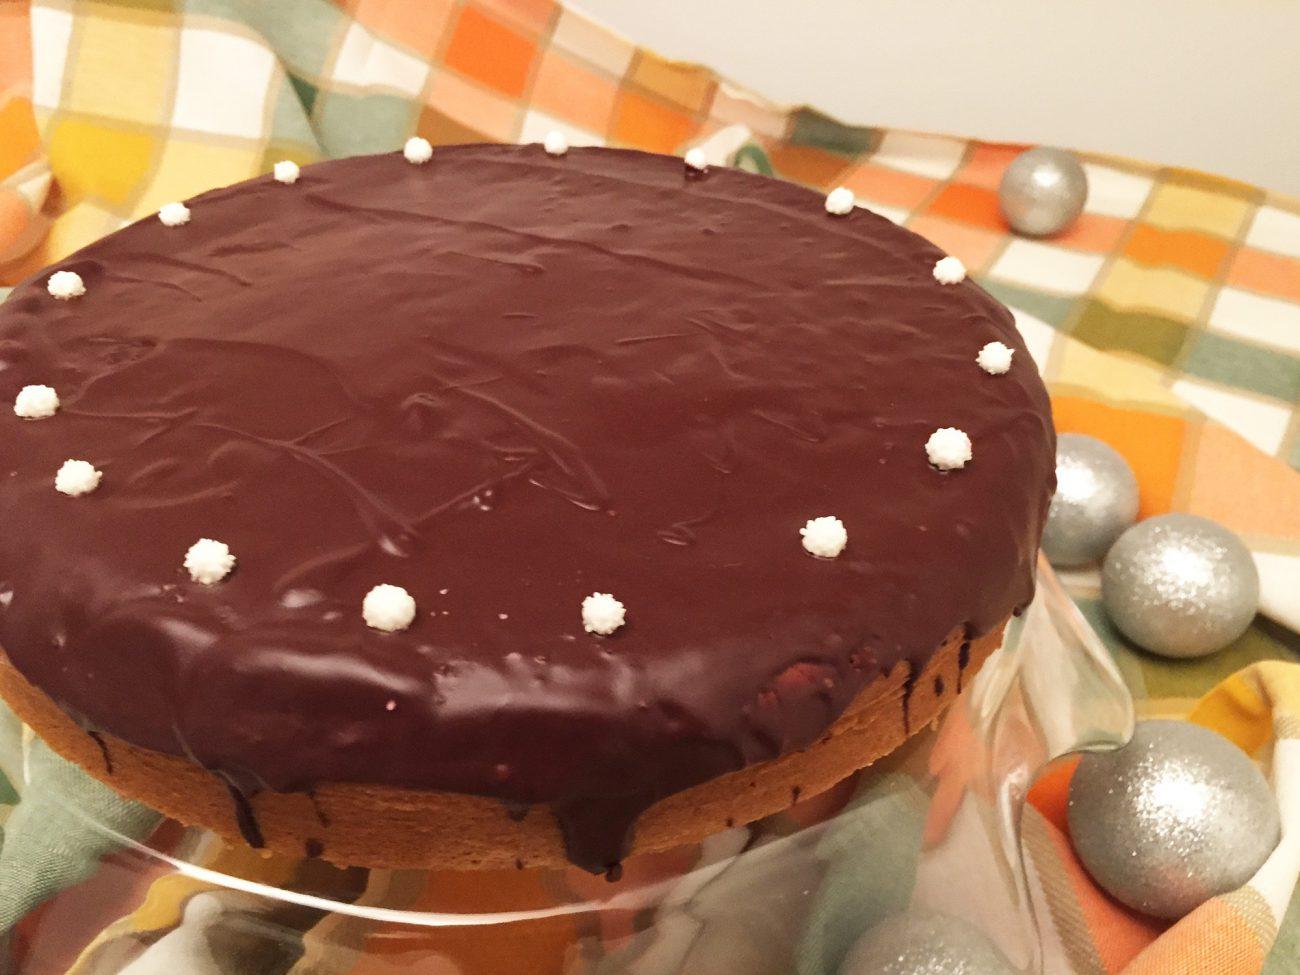 Torta morbida al mascarpone con glassa al cioccolato fondente